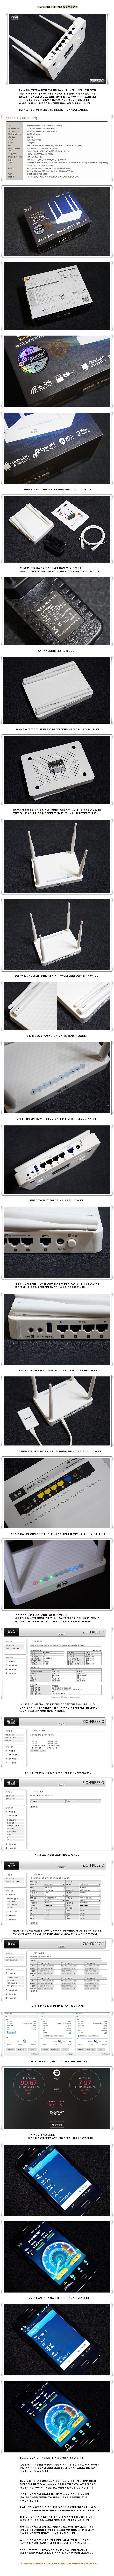 9920F44C5A50DE461D576D